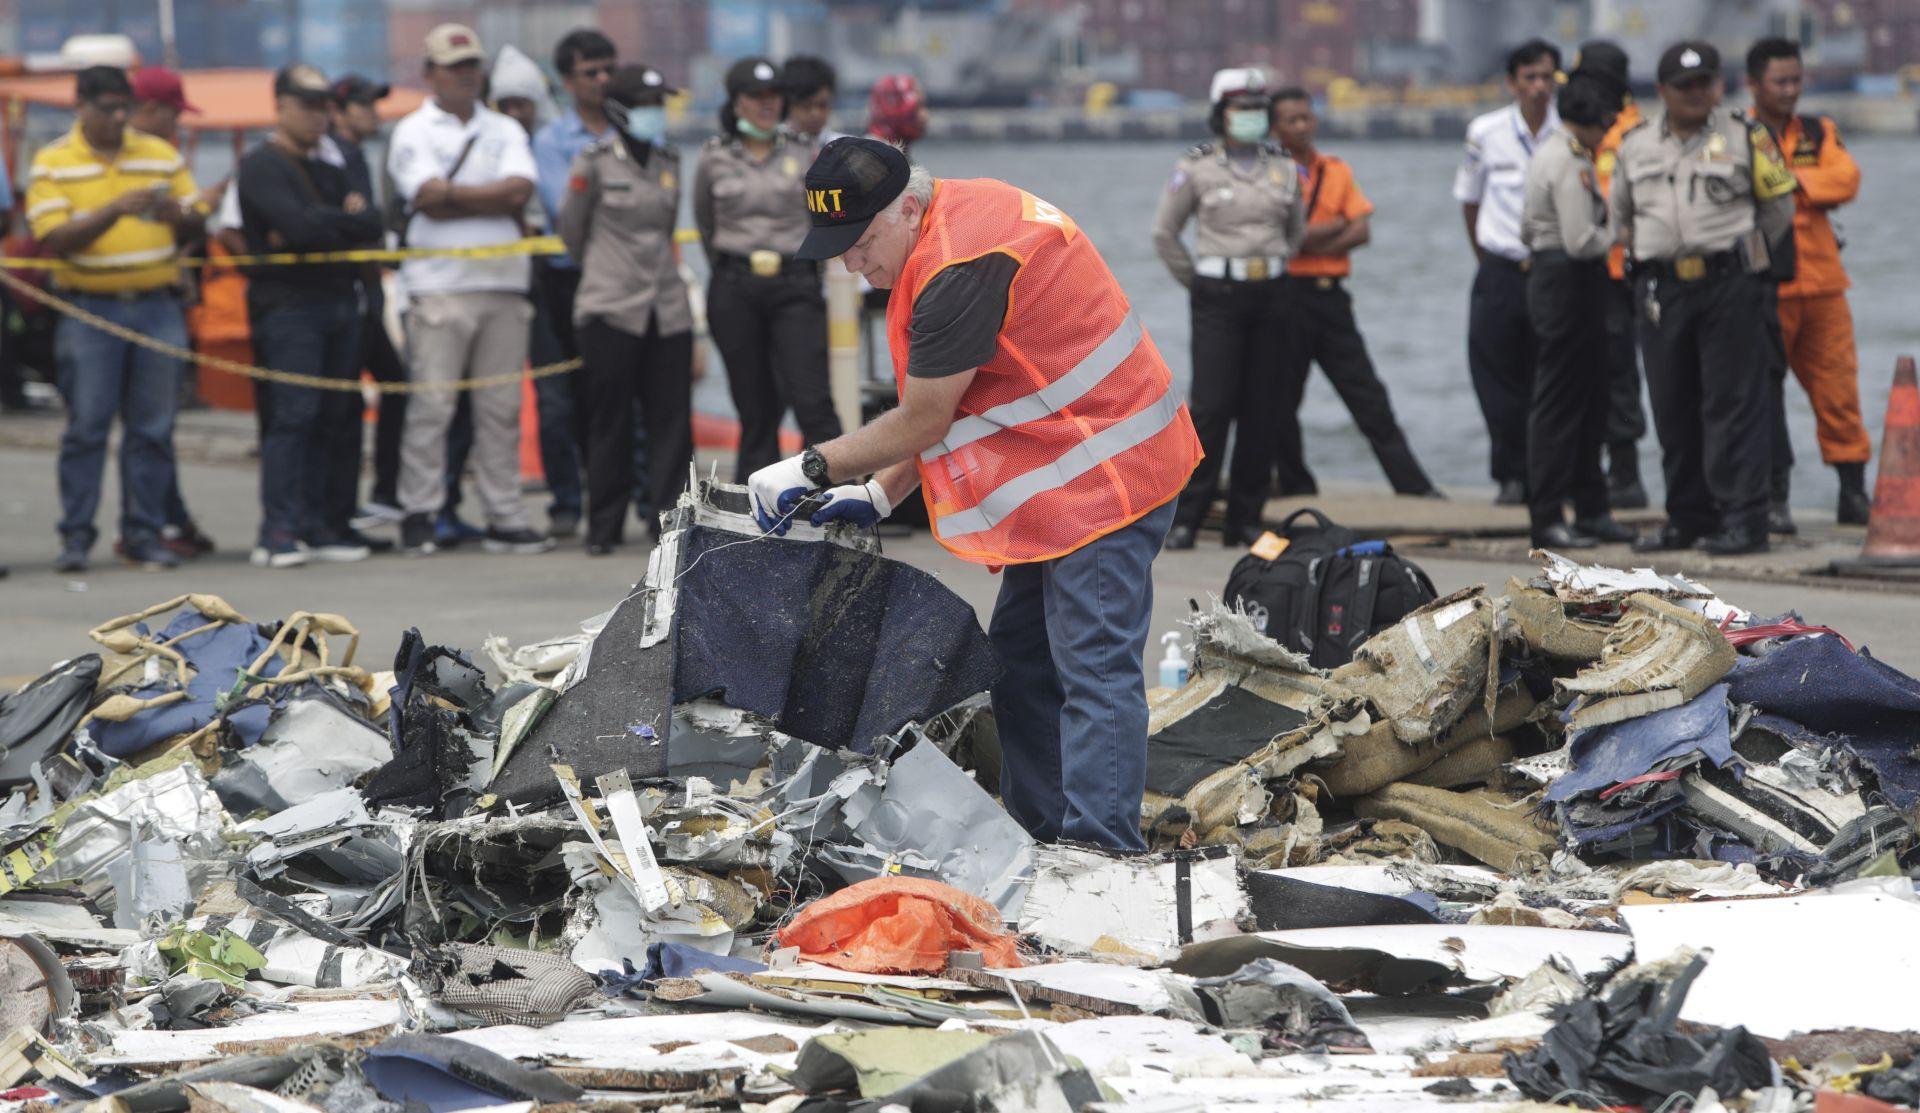 Pronađena jedna od dvije crne kutije iz zrakoplovne nesreće u Indoneziji